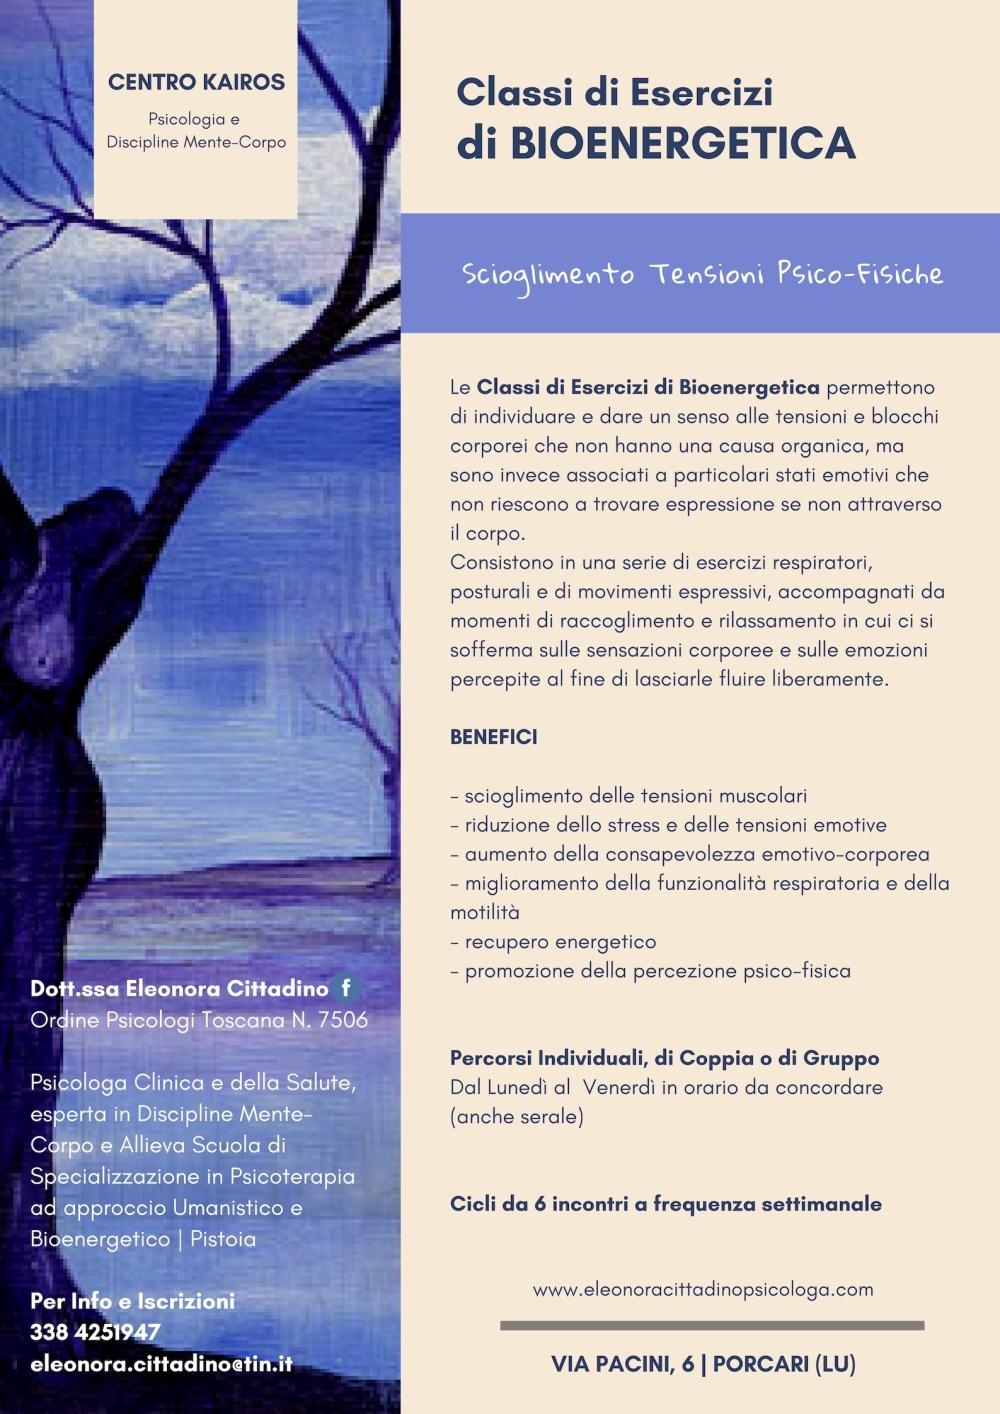 Classi di Esercizi di Bioenergetica Eleonora Cittadino Psicologa Porcari Lucca